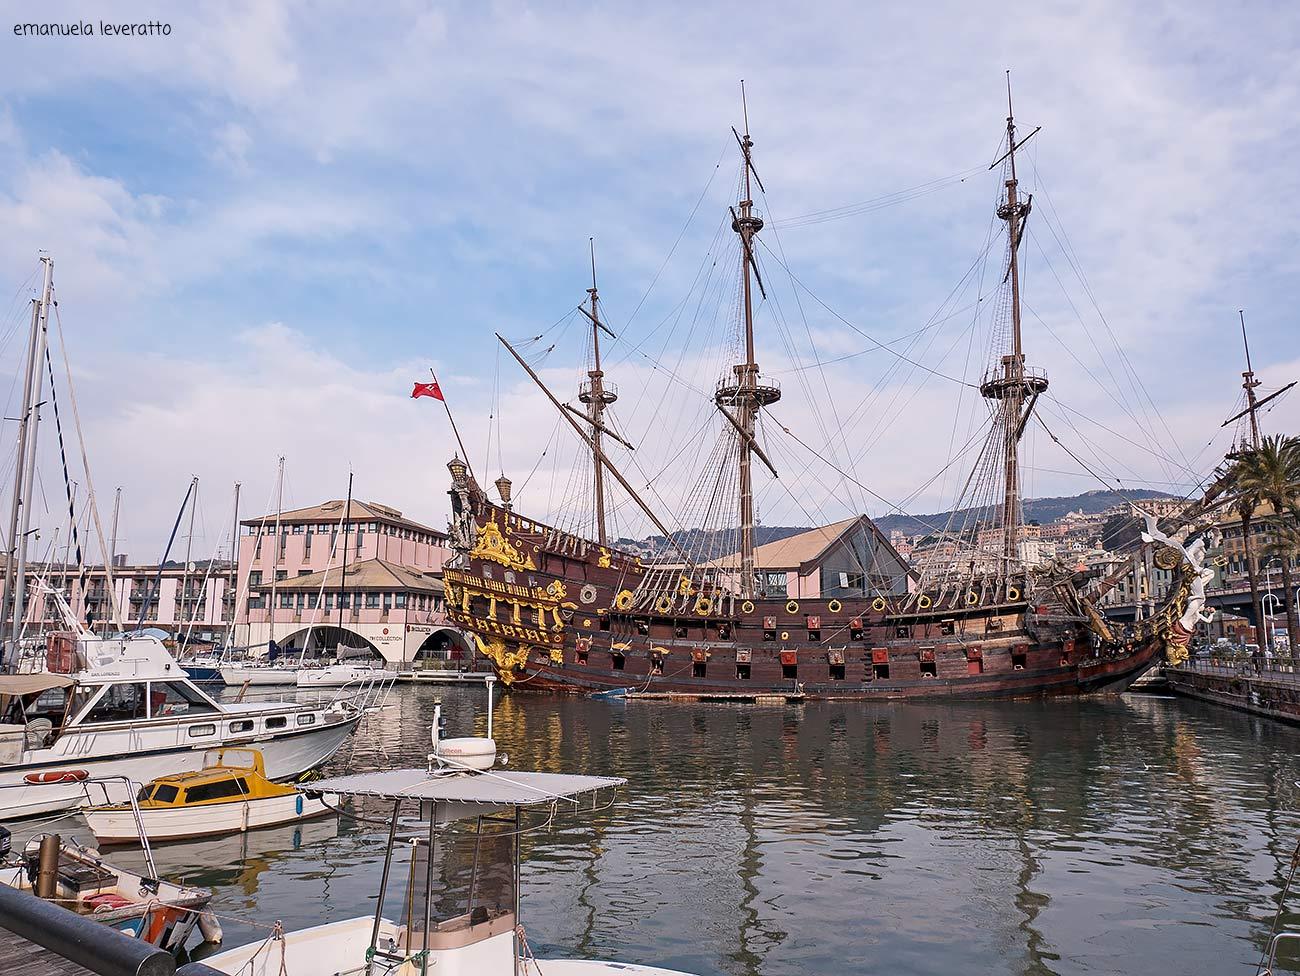 galeone neptune-porto antico di Genova (4)